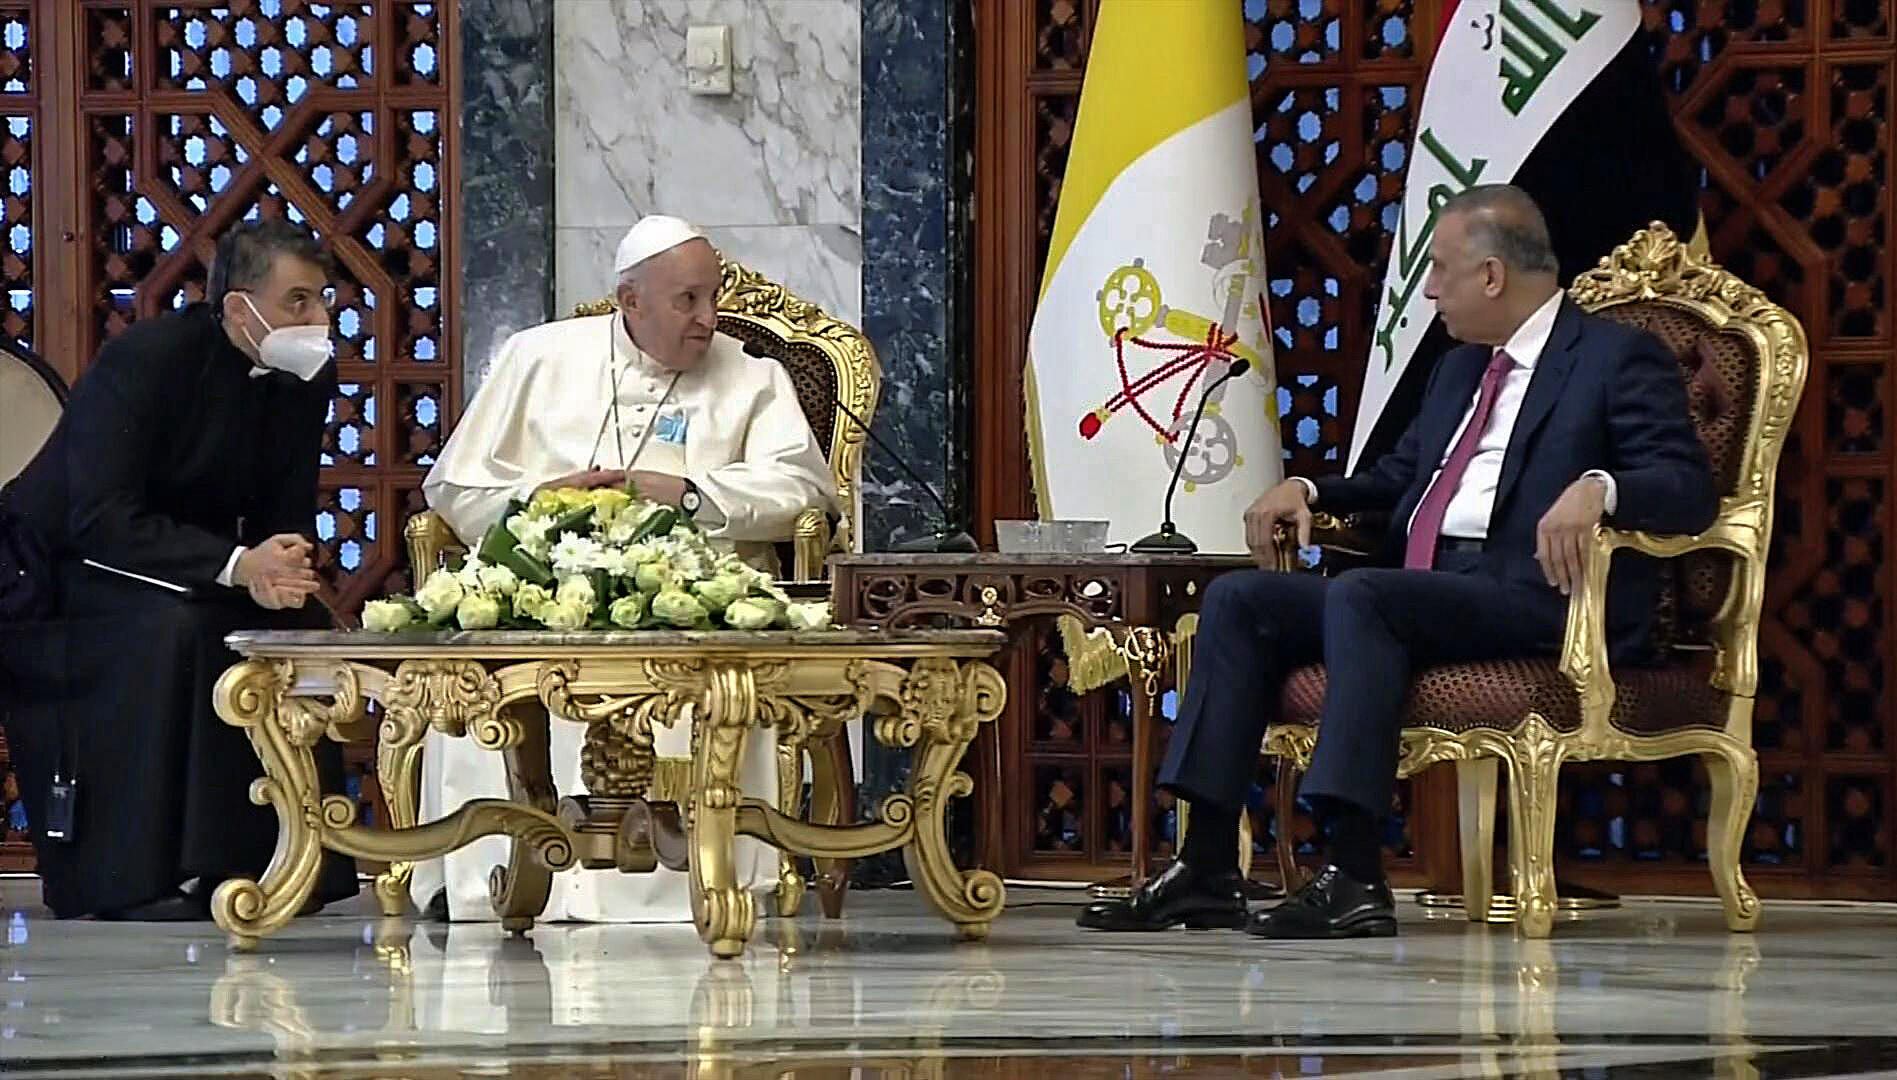 O Papa Francisco (esquerda) encontrou-se com o Primeiro-ministro iraquiano Mustafa al-Kadhemi (direita).